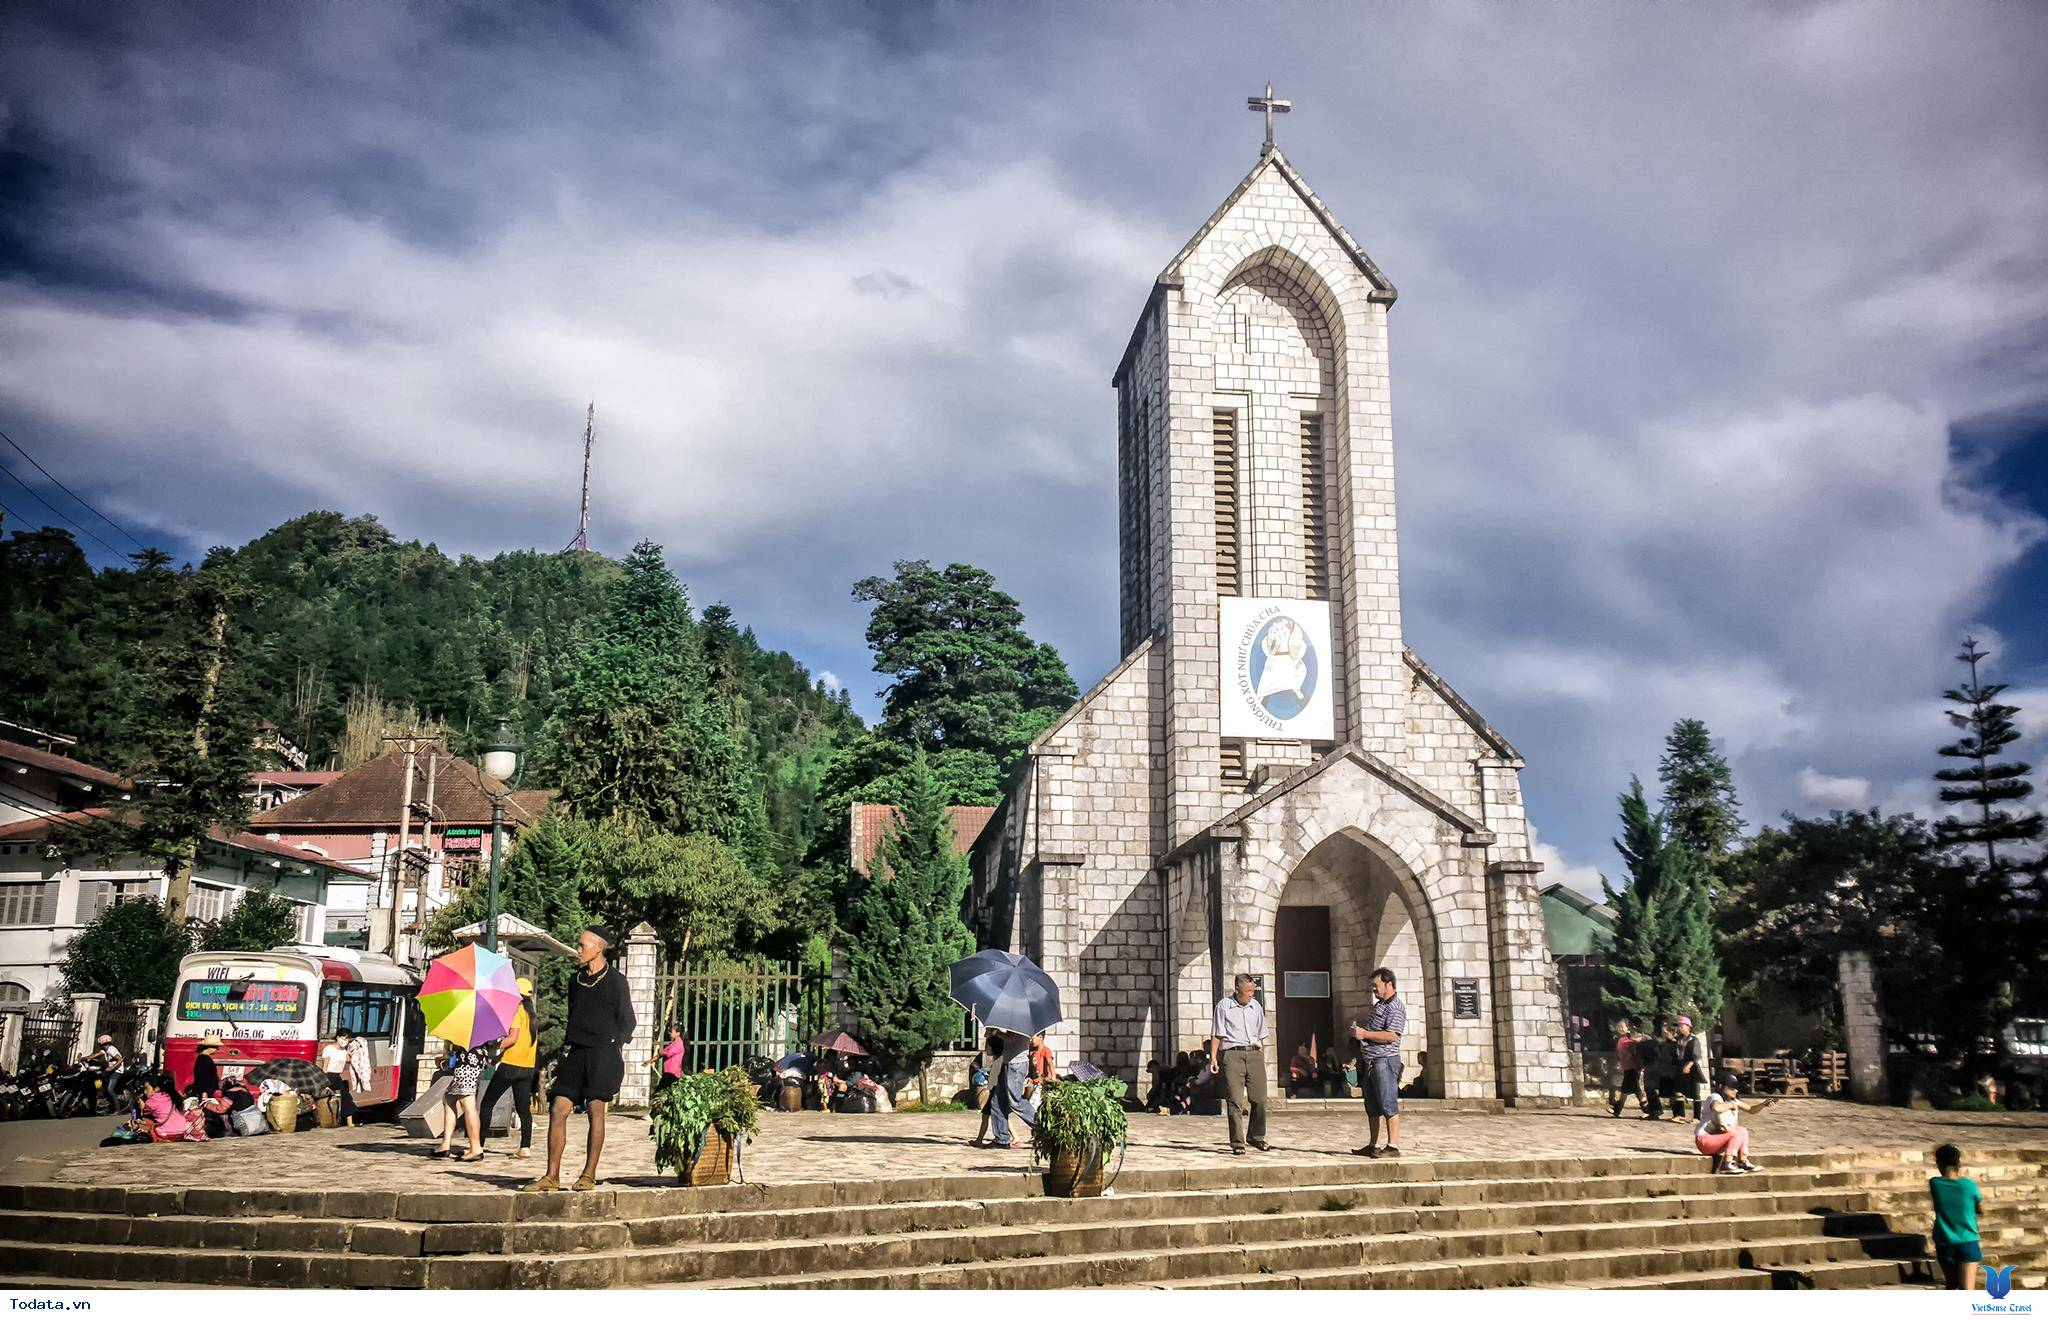 Nhà thờ đá Sapa- nét quyến rũ của phố núi vùng cao